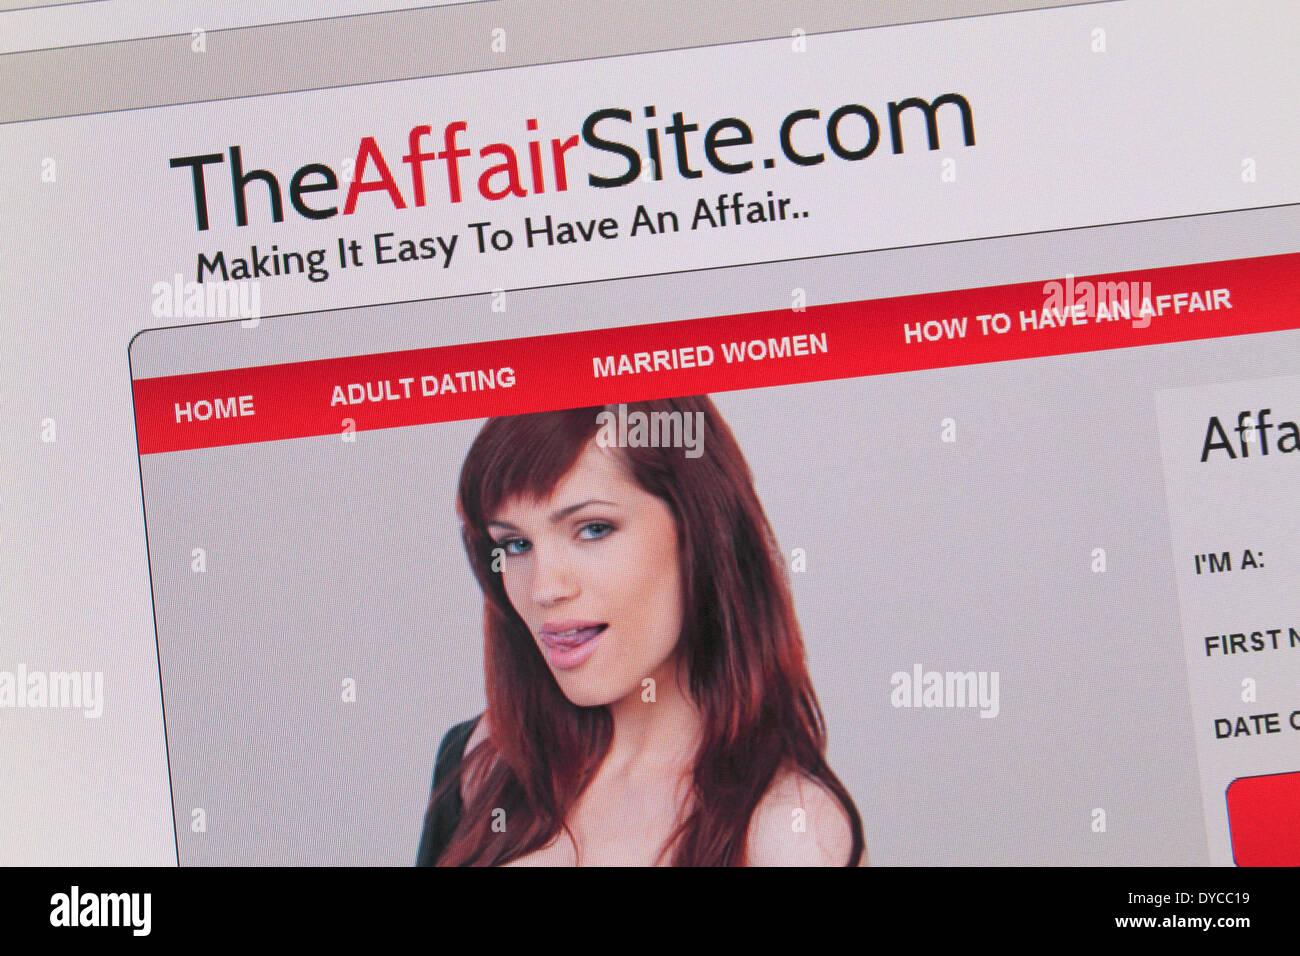 The affairsite